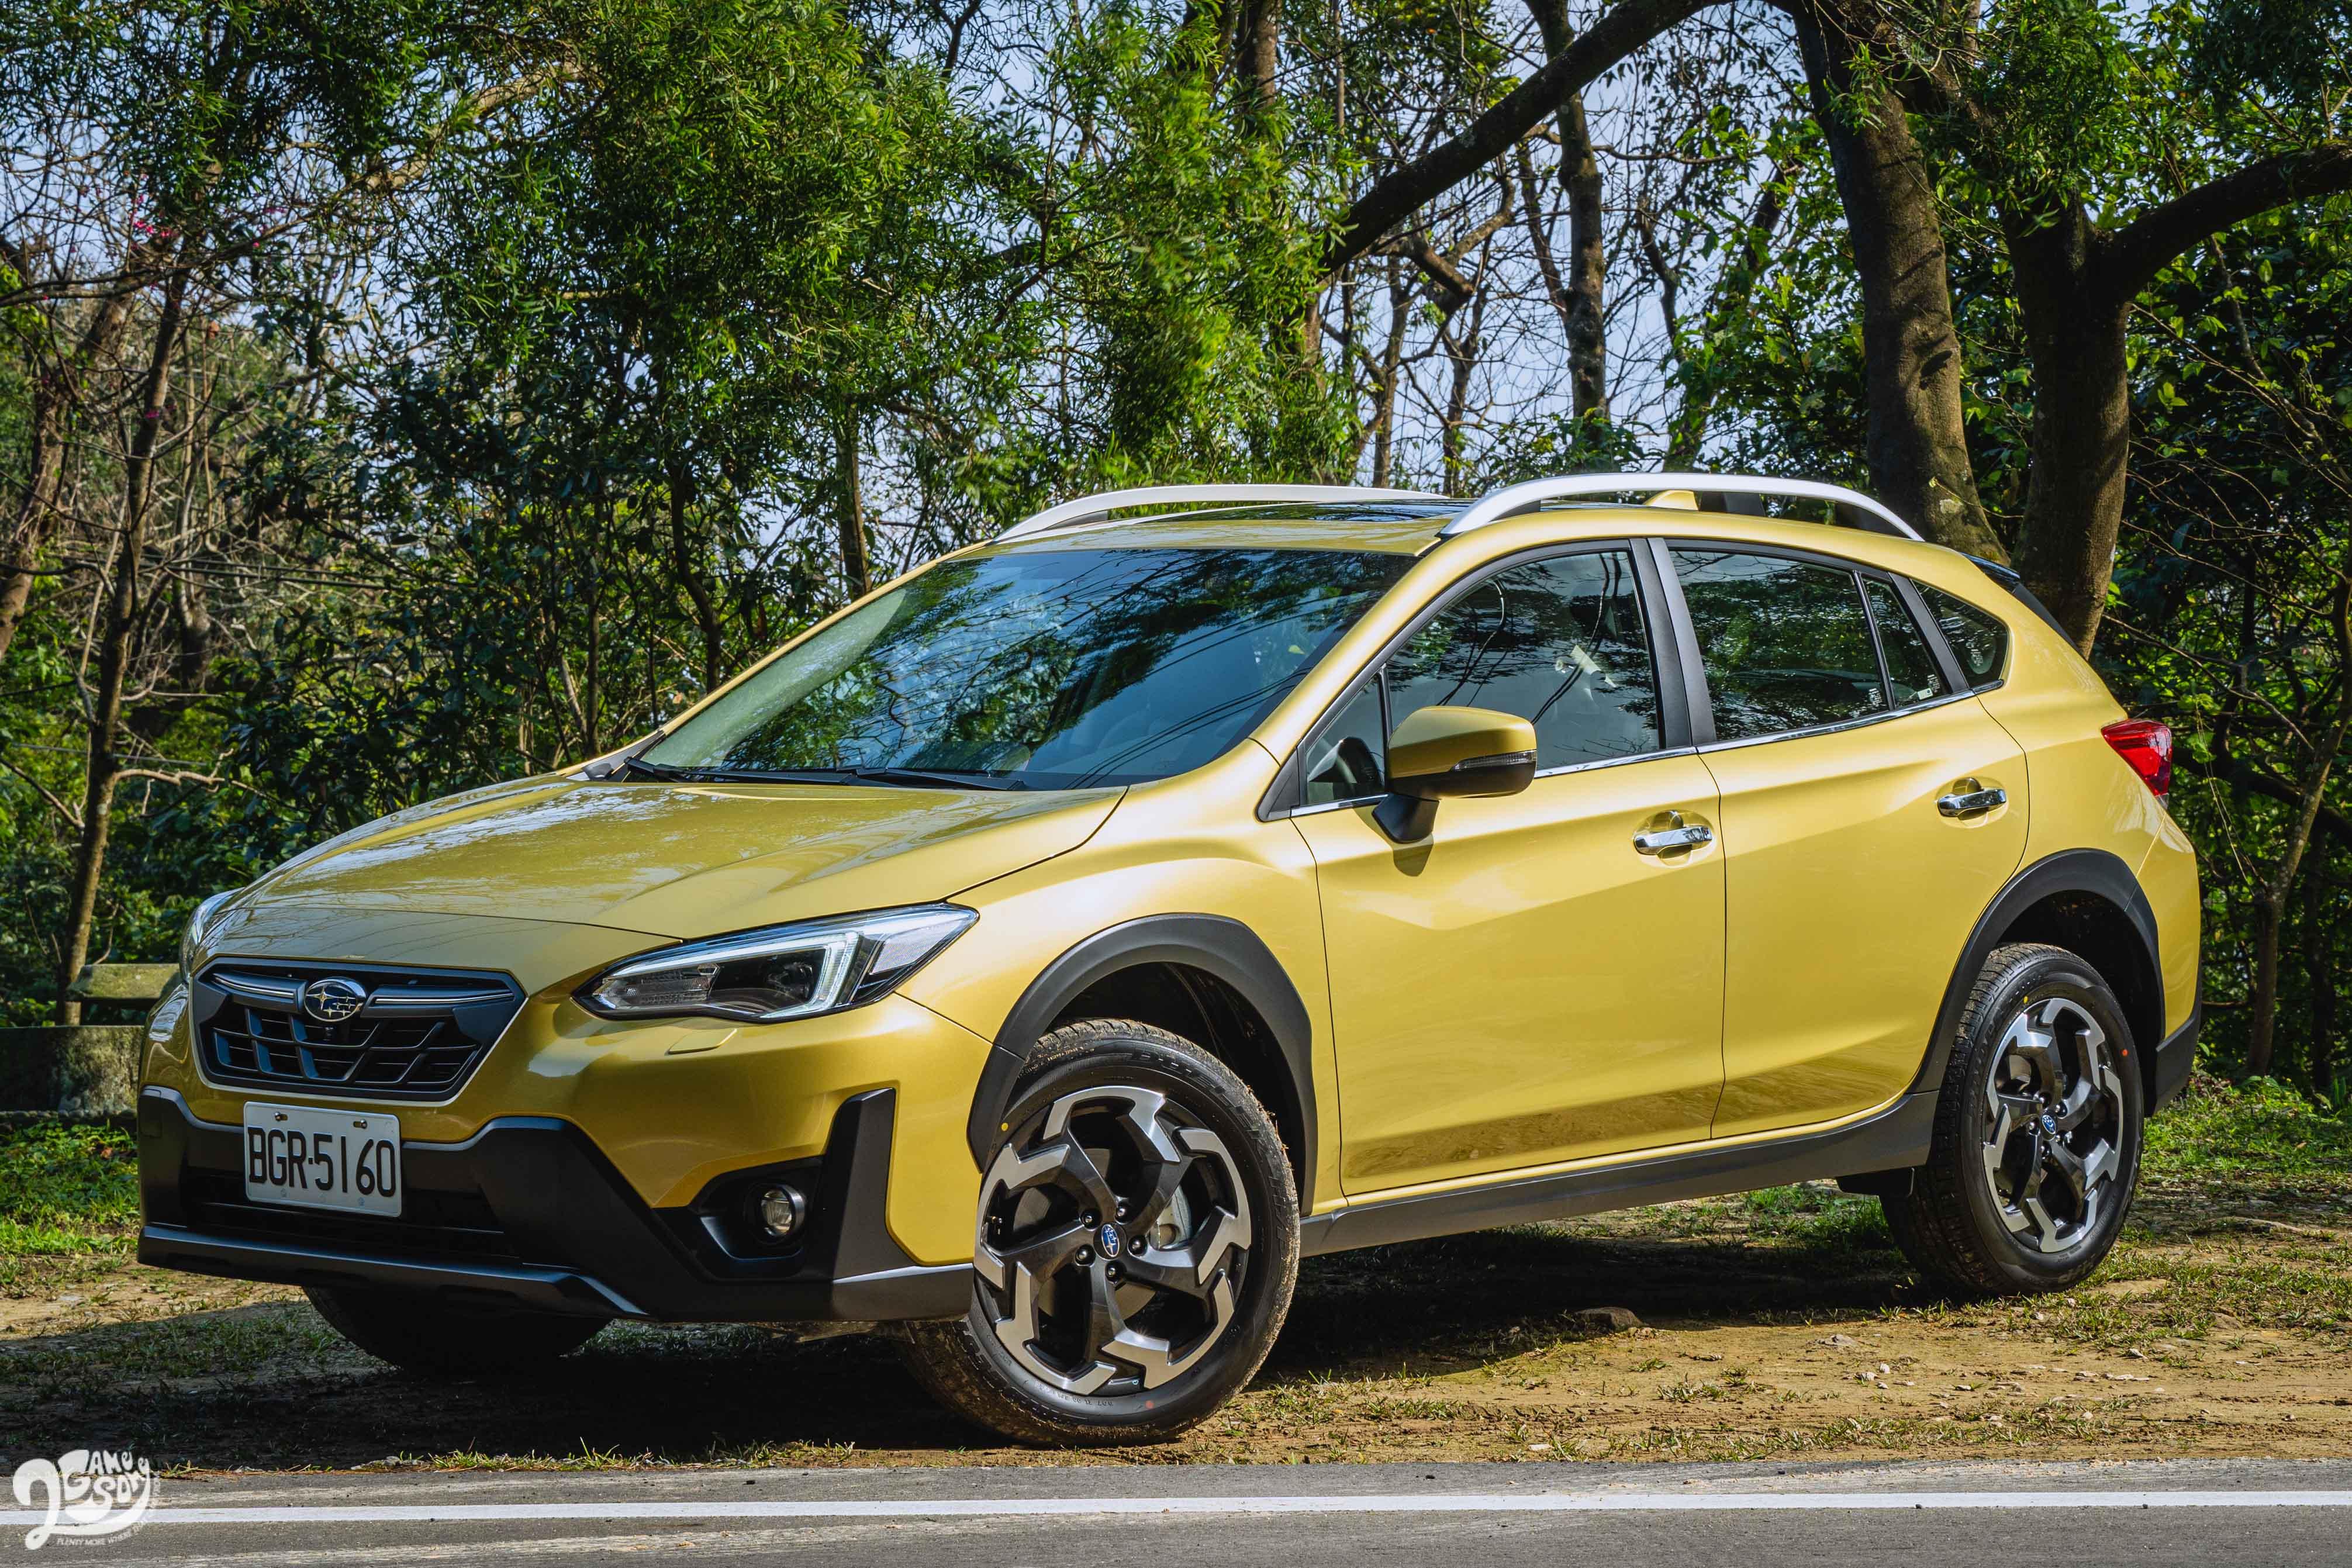 2021 XV 有三處小拉皮,包含車頭水箱護罩與 18 吋輪圈重新塑形,以及車頭面積更大的防刮材質。